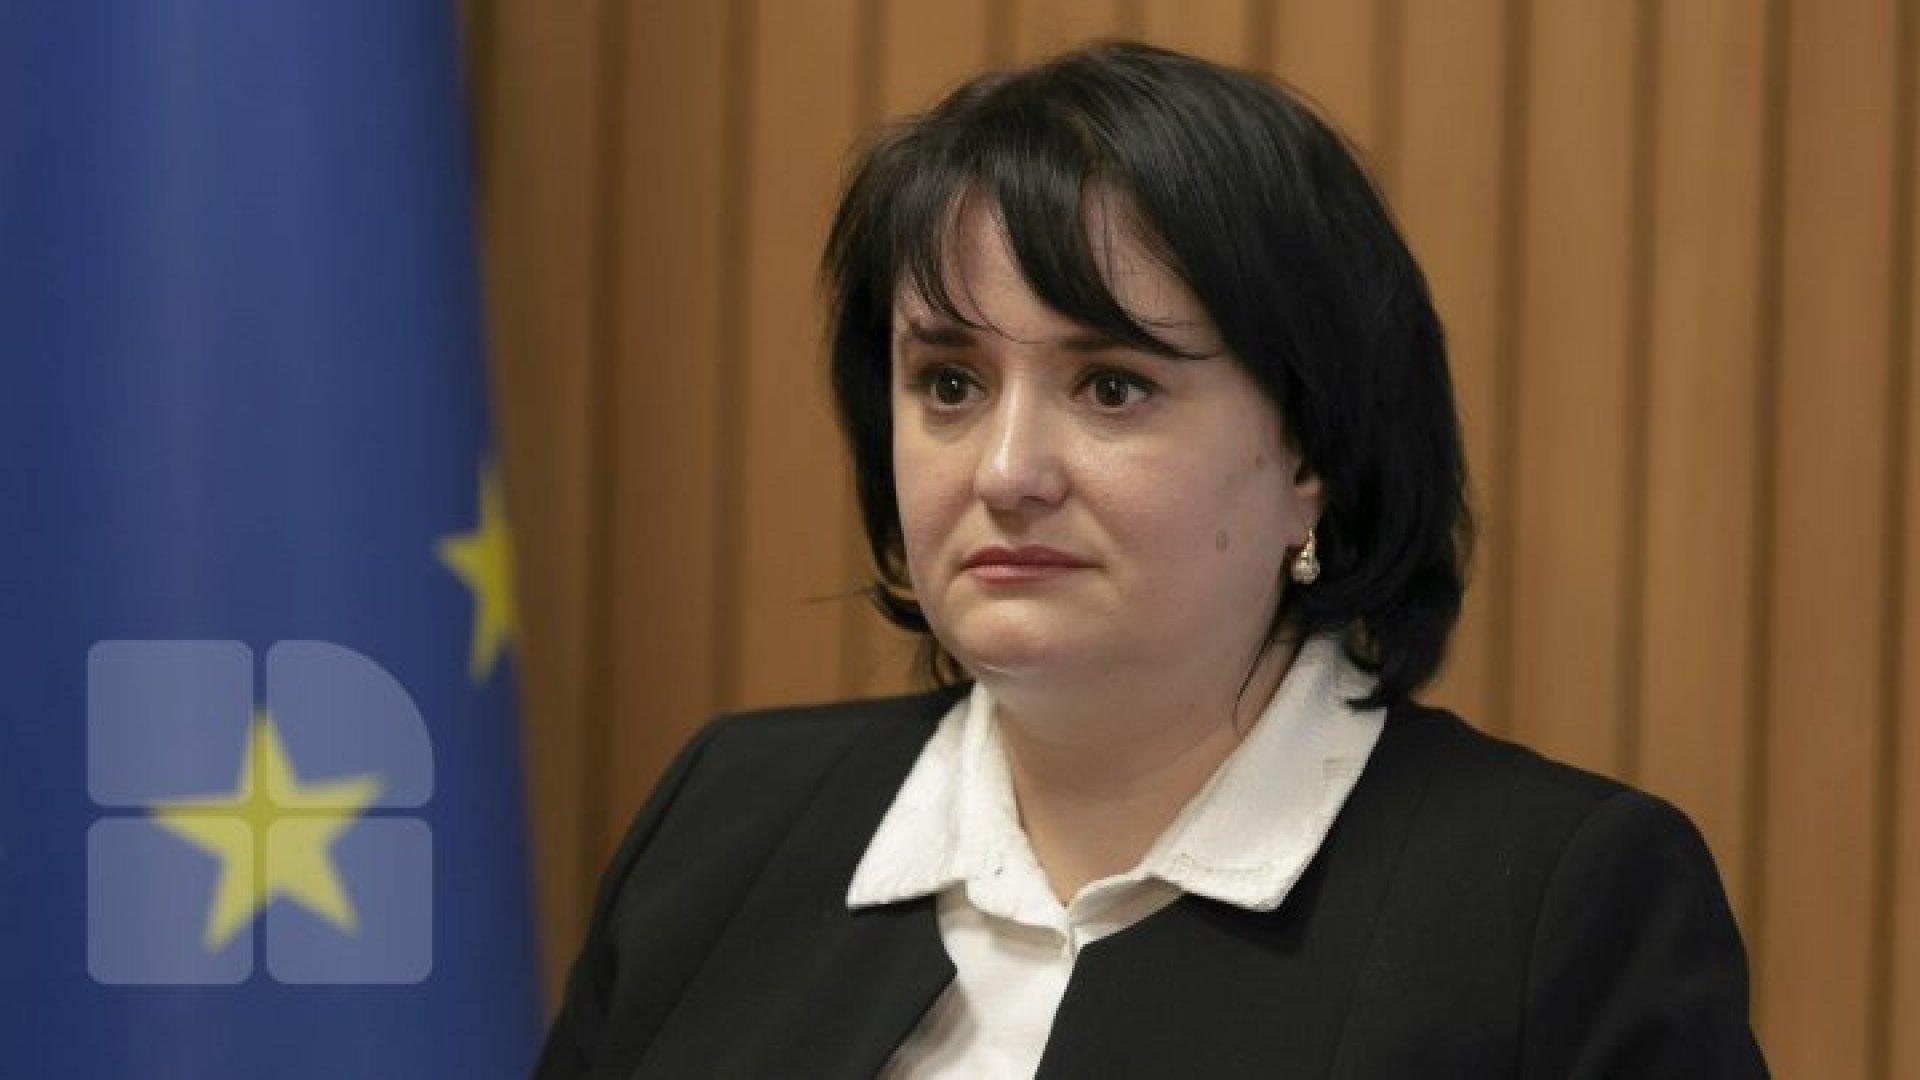 Киртоакэ требует отставки Думбрэвяну: Она пять дней скрывала, что у нее COVID-19